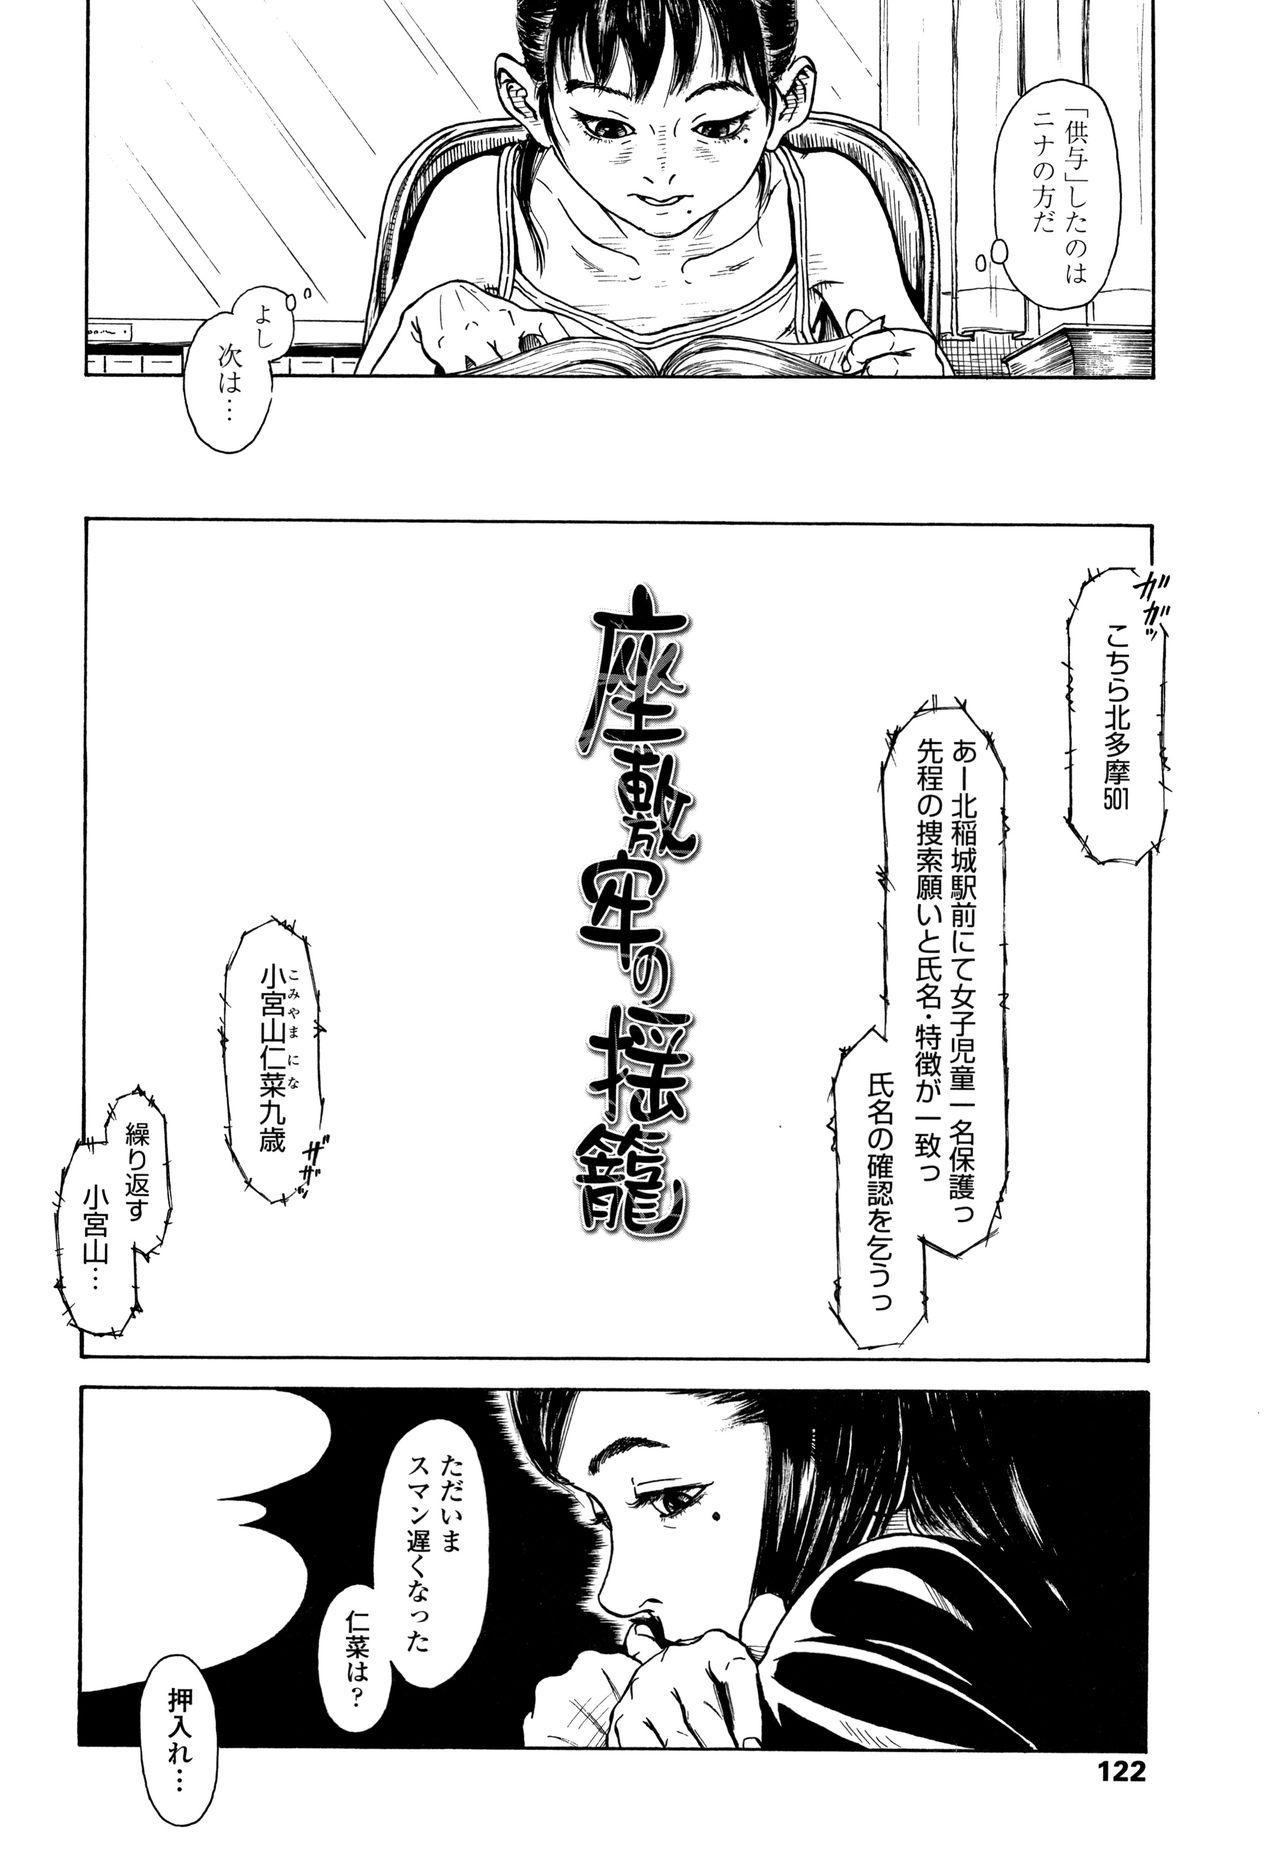 Chiisai Karada ni Shiroi Kage 124